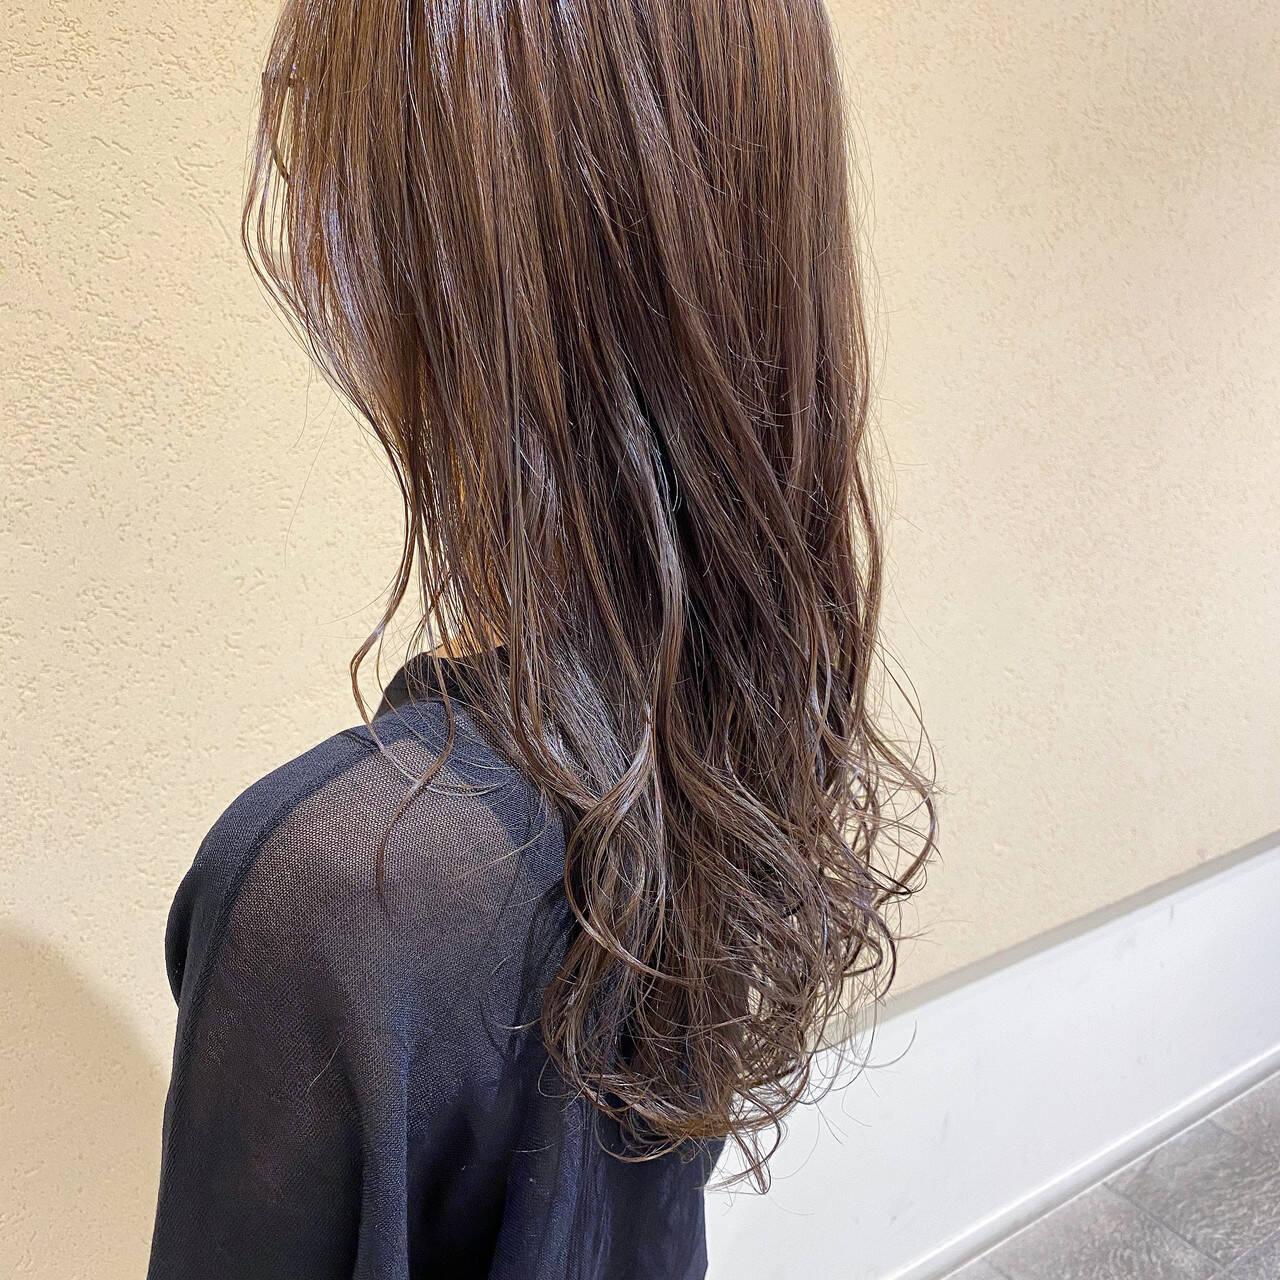 セミロング 大人女子 大人かわいい ナチュラルベージュヘアスタイルや髪型の写真・画像